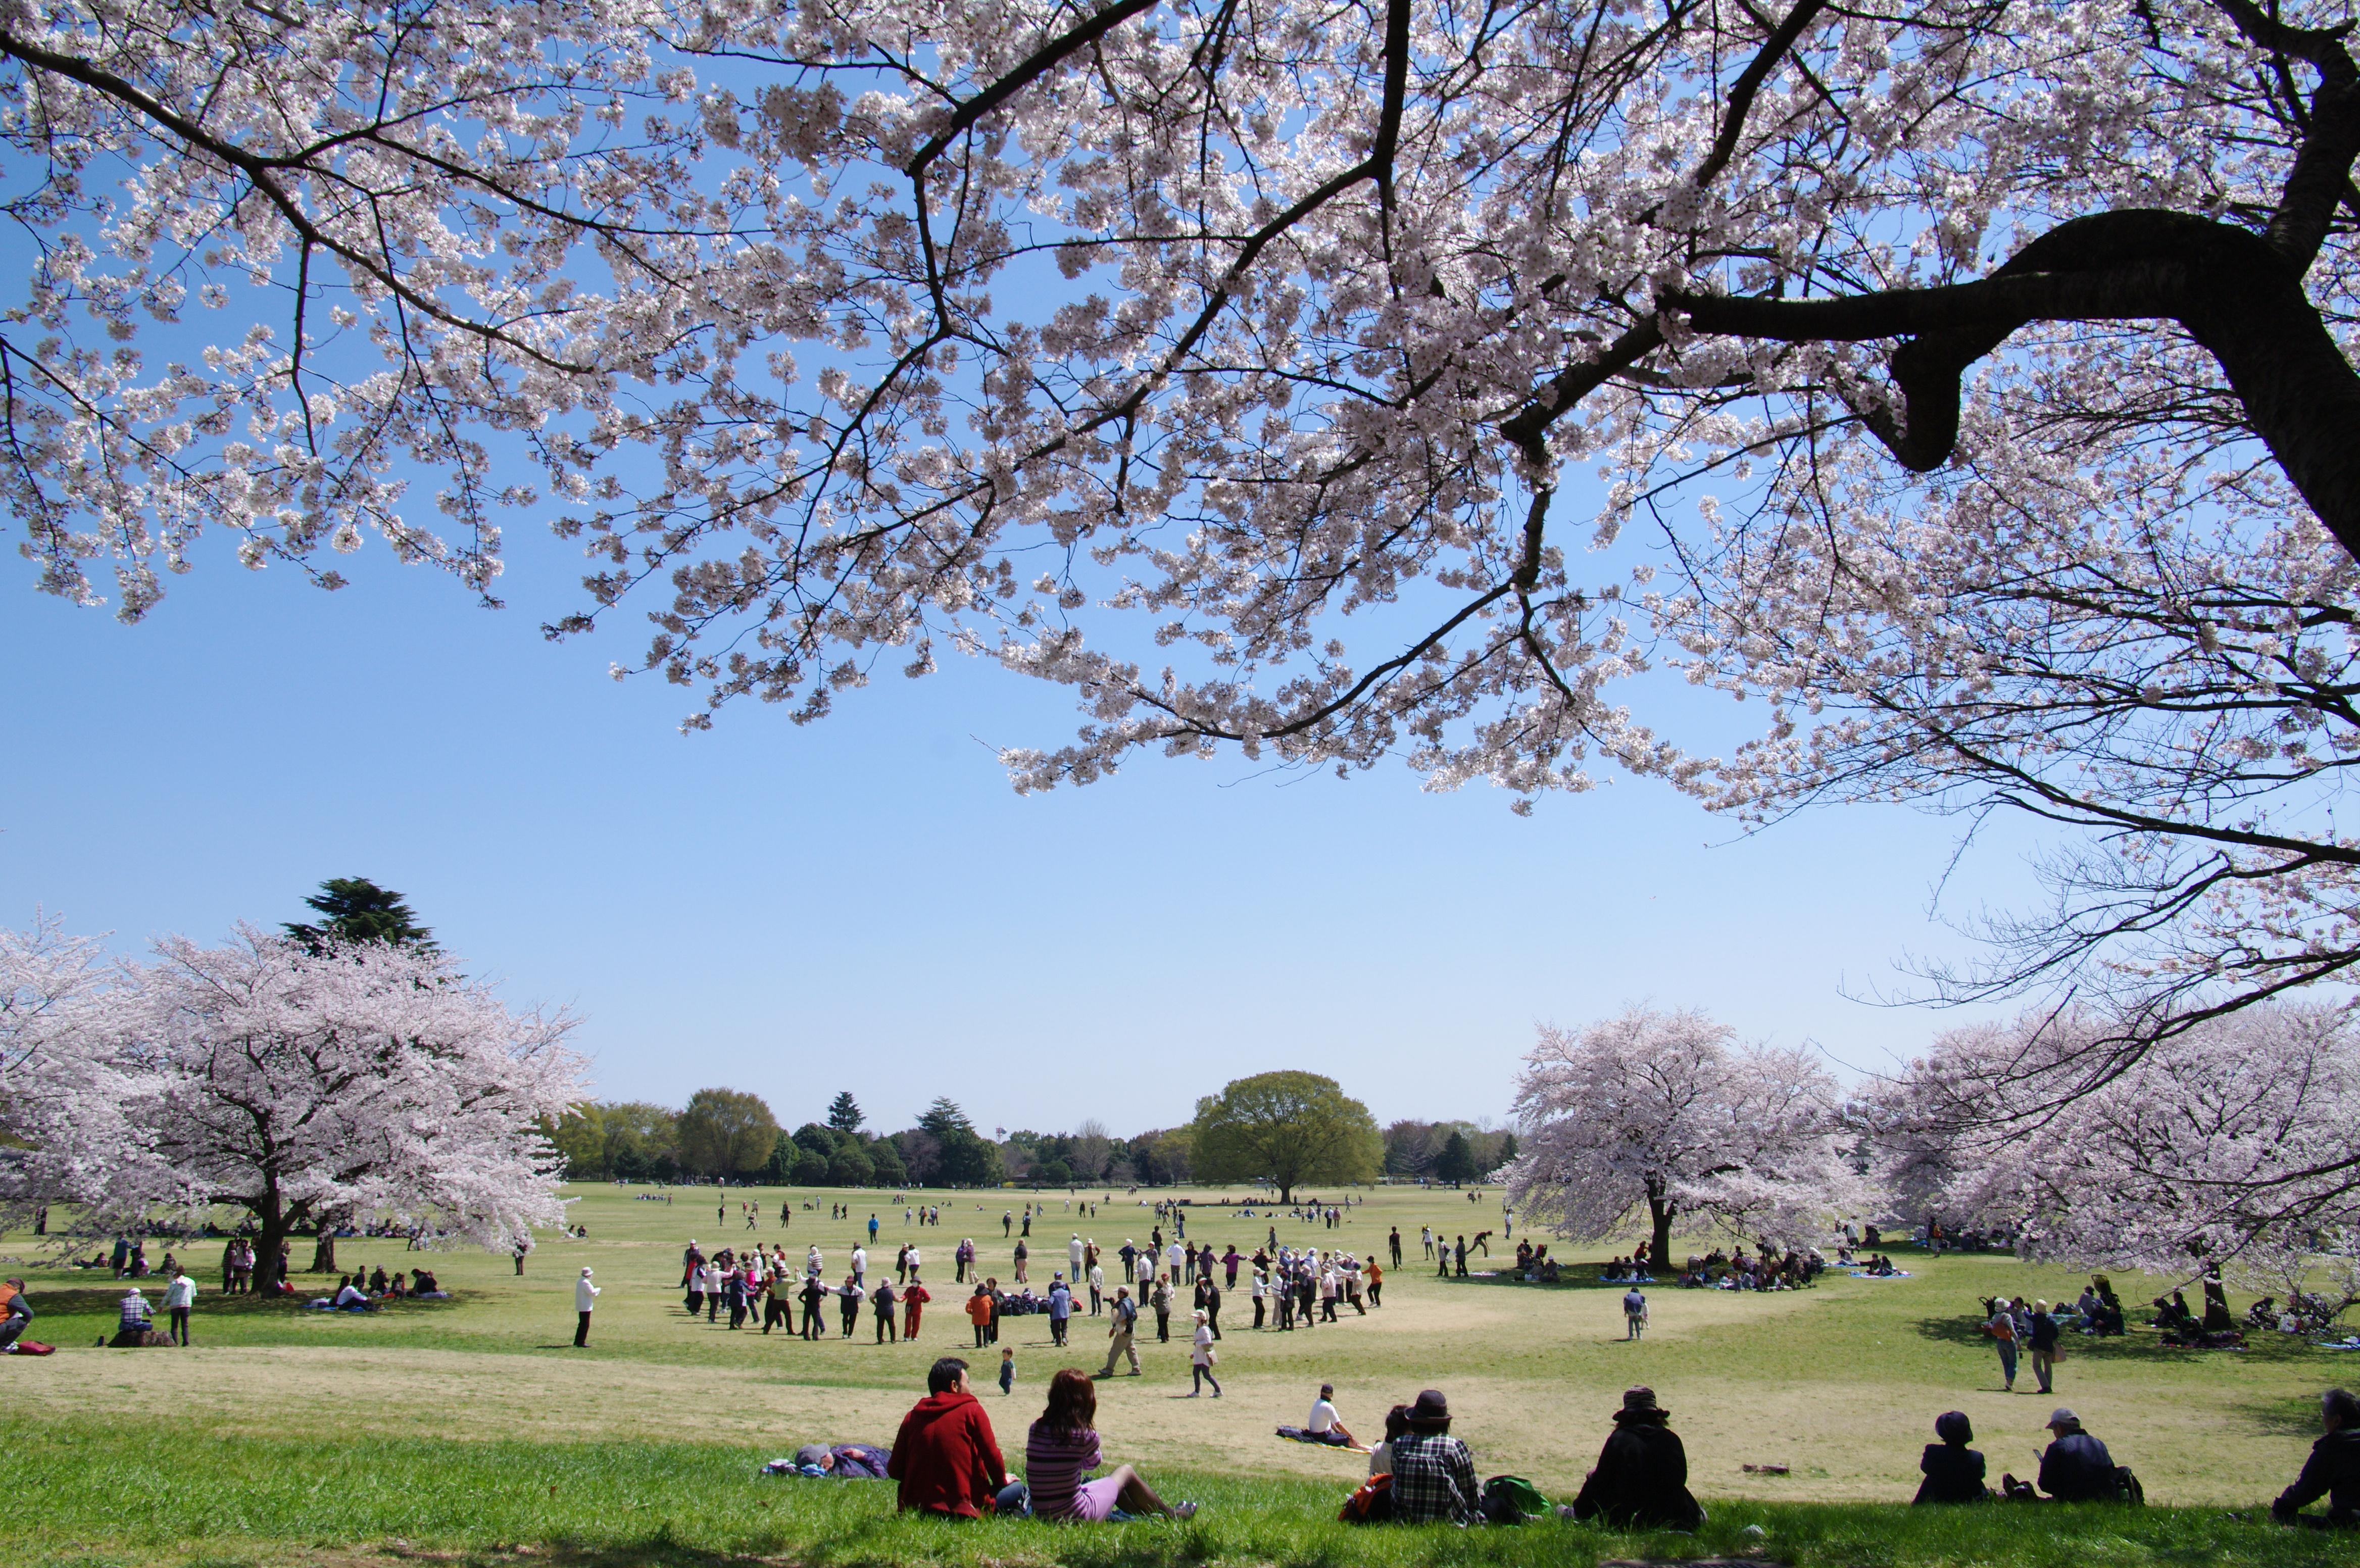 Showa Kinen Park, Tokyo Japan